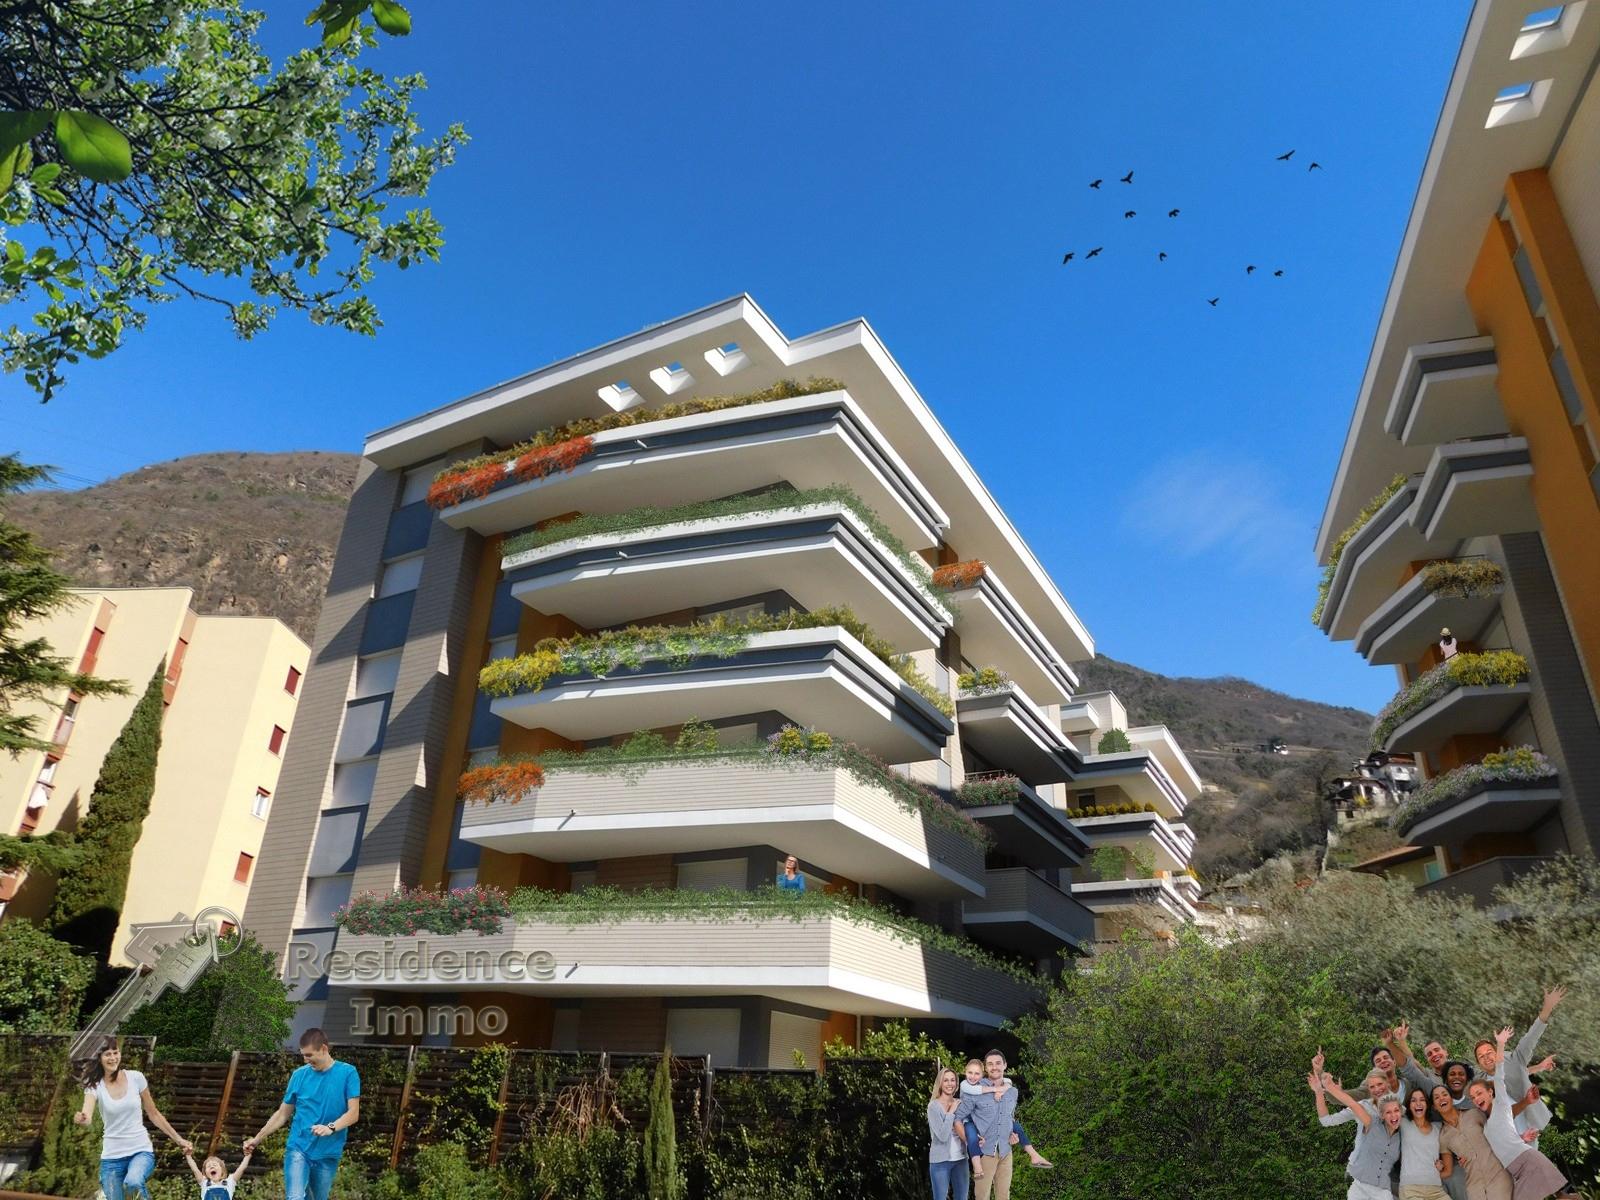 vendita appartamento bolzano centro  527800 euro  4 locali  139 mq